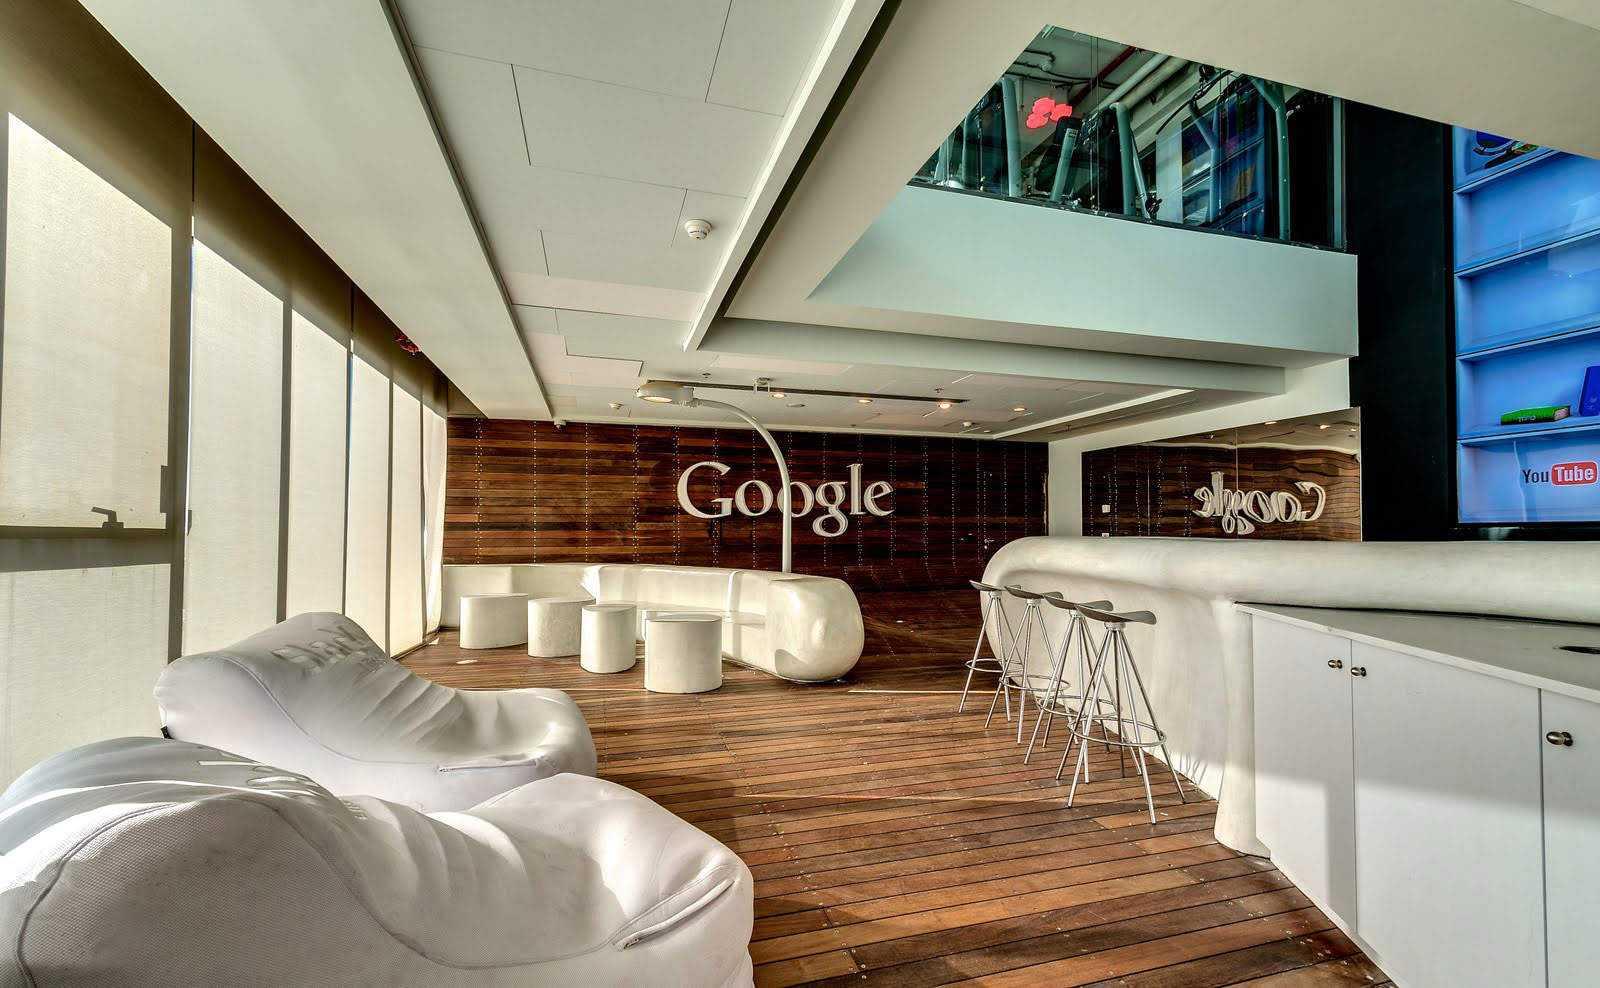 Cách quản lý người trong kinh doanh của Google, Apple, và Samsung, họ có điểm chung để tạo nên công ty kiếm tiền sinh lời nhất nhì thế giới